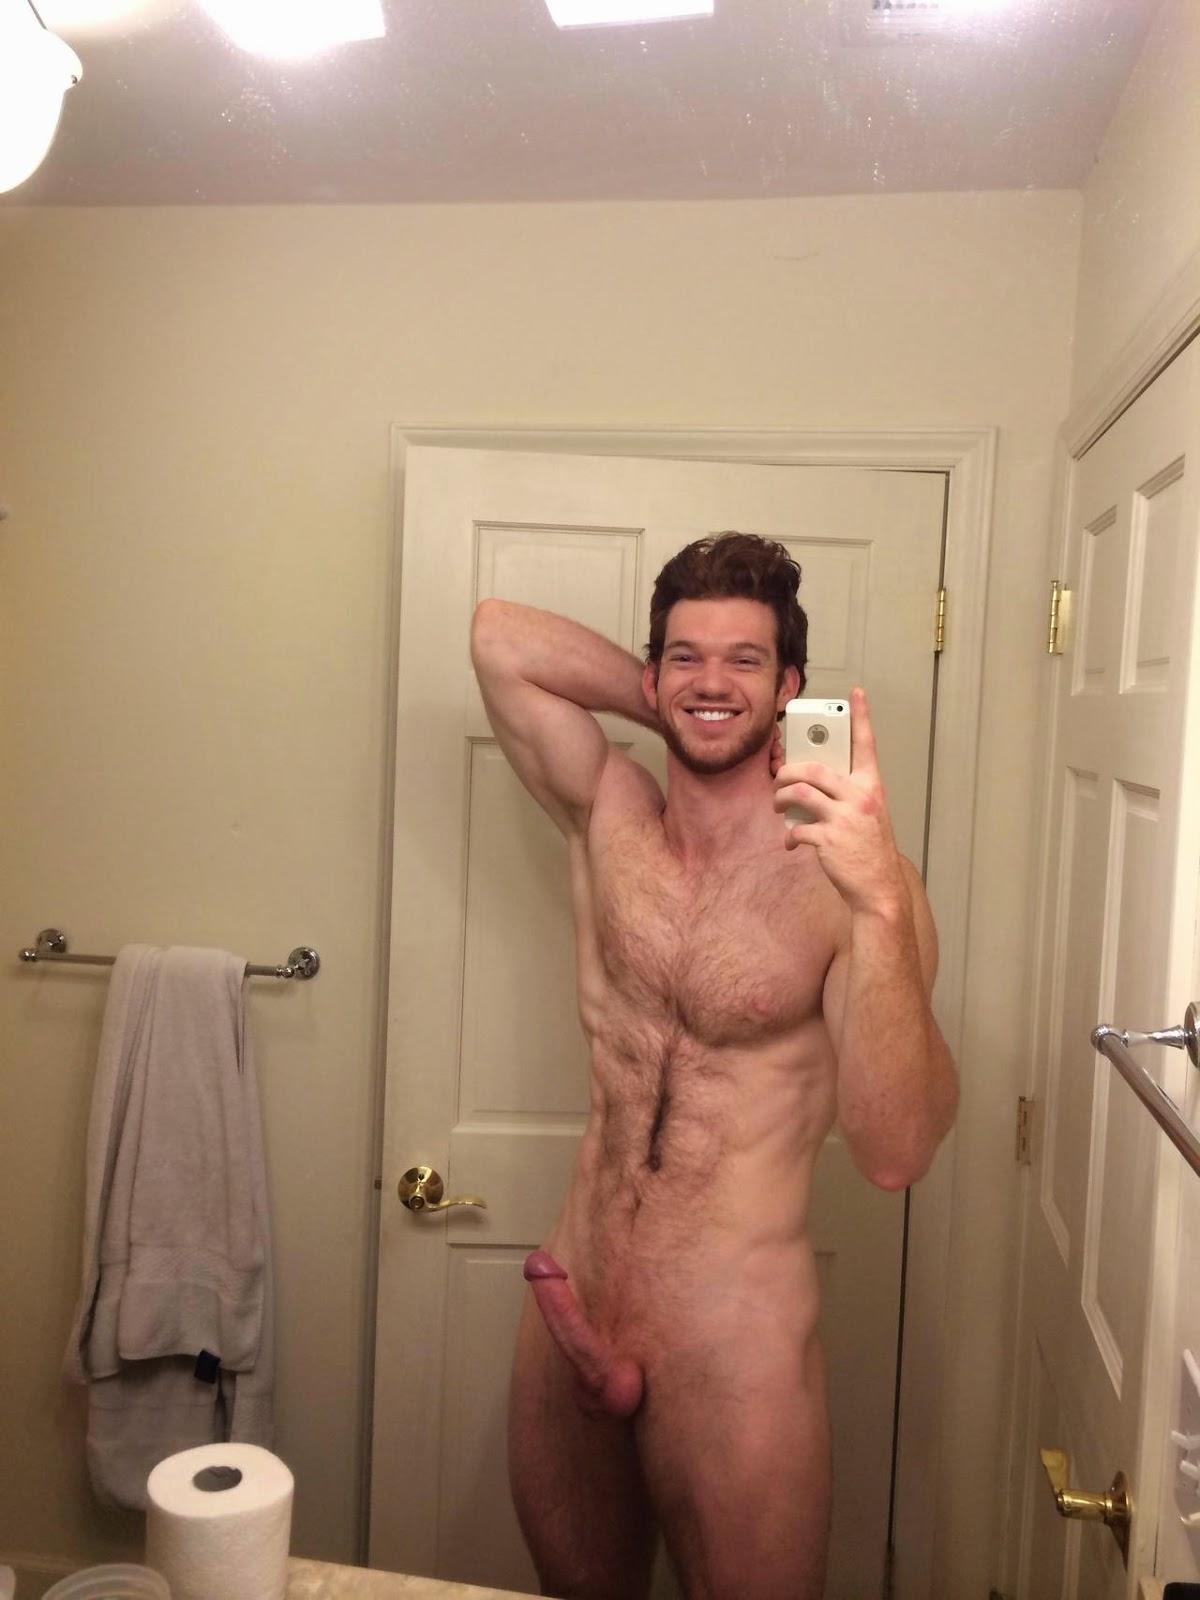 Hot men selfies